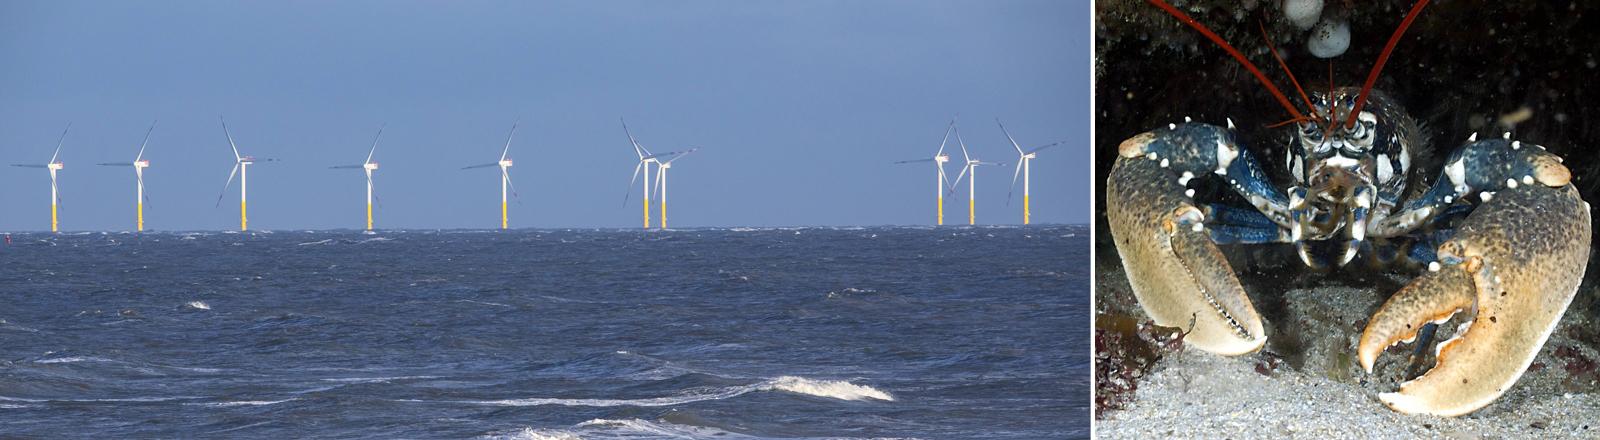 Eine Windkraftanlage in der Nordsee und ein Hummer.